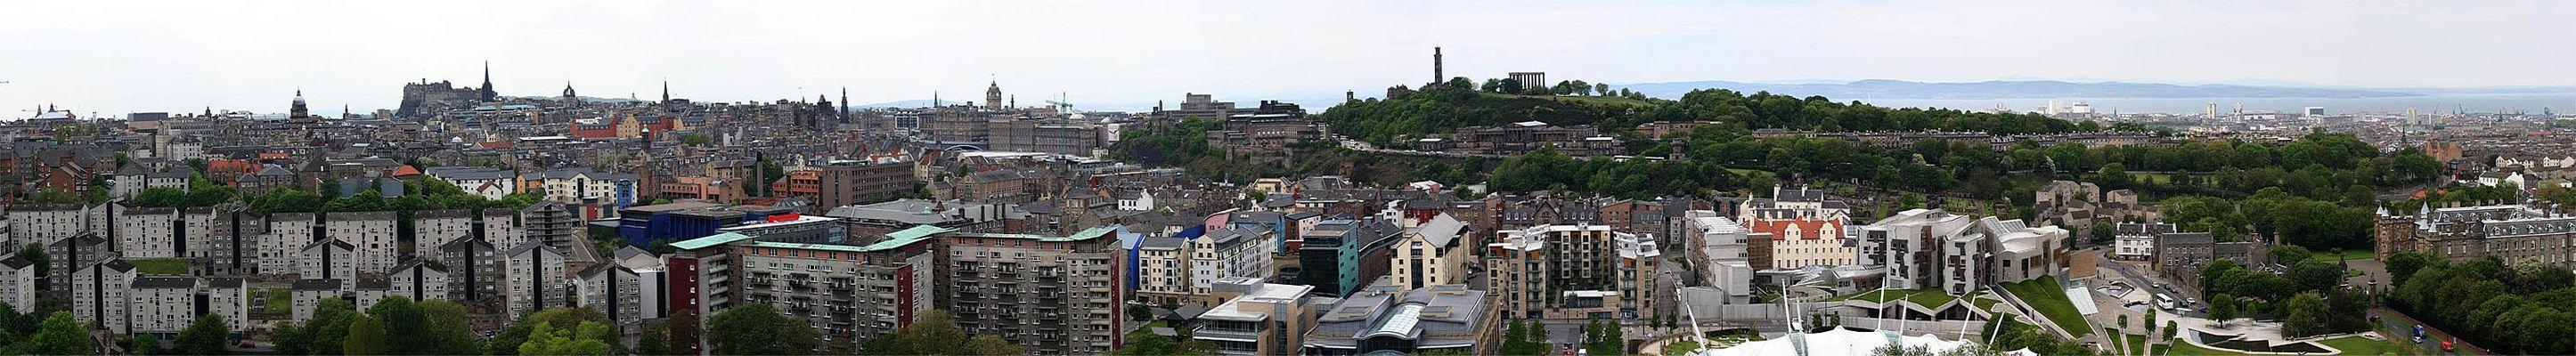 Edinburgh (Panorama)